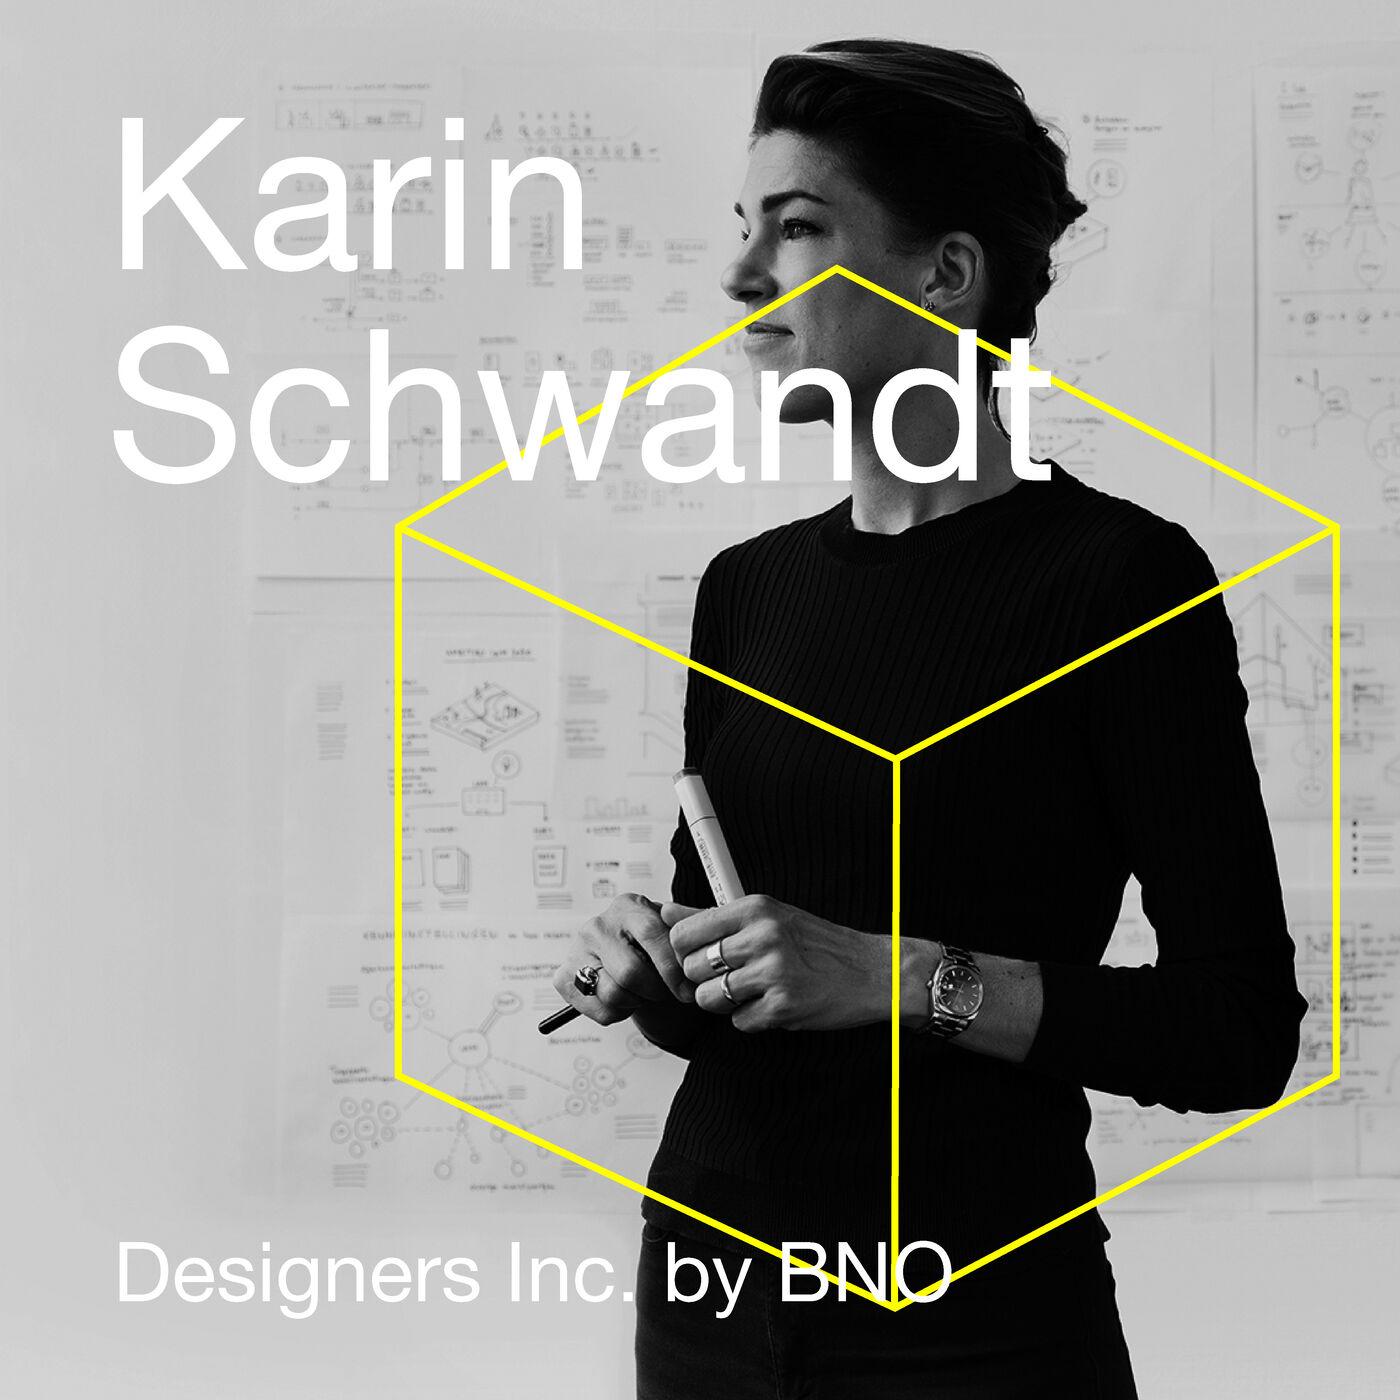 Karin Schwandt - Schwandt Information Design